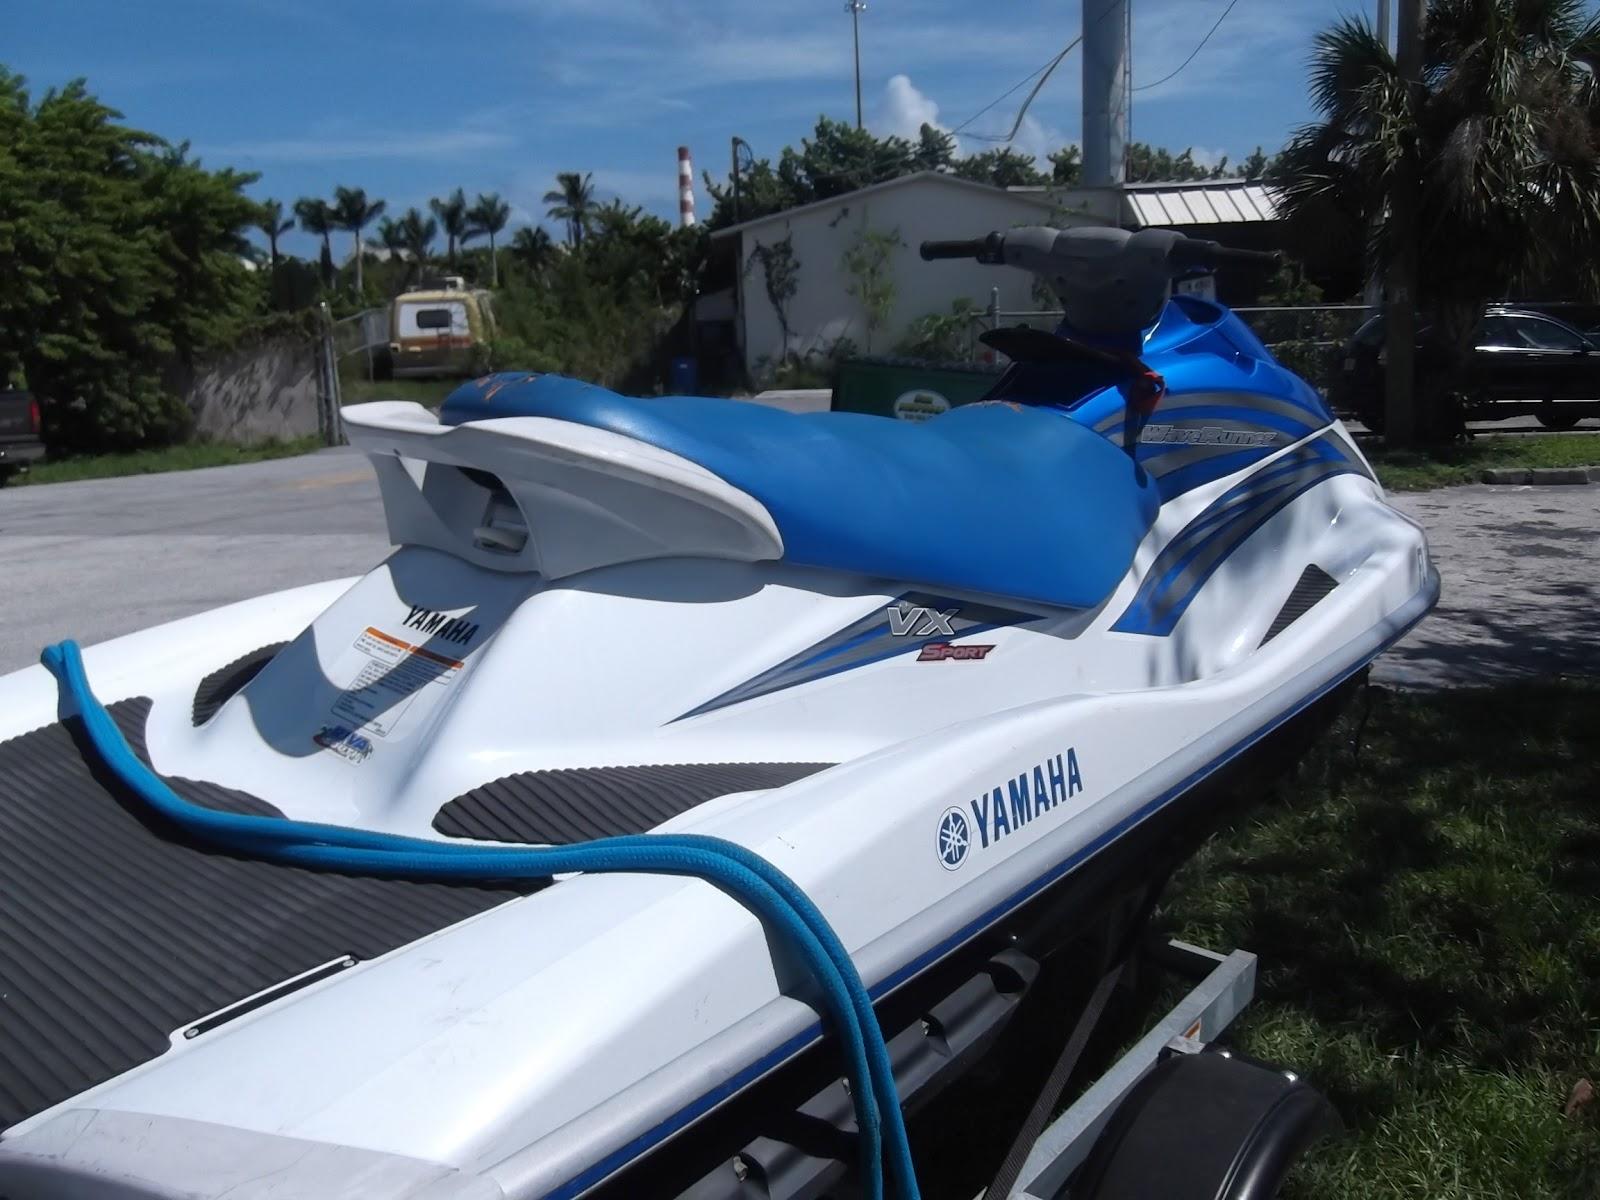 Love to sell your stuff jet ski for sale 2007 yamaha for Jet ski prices yamaha